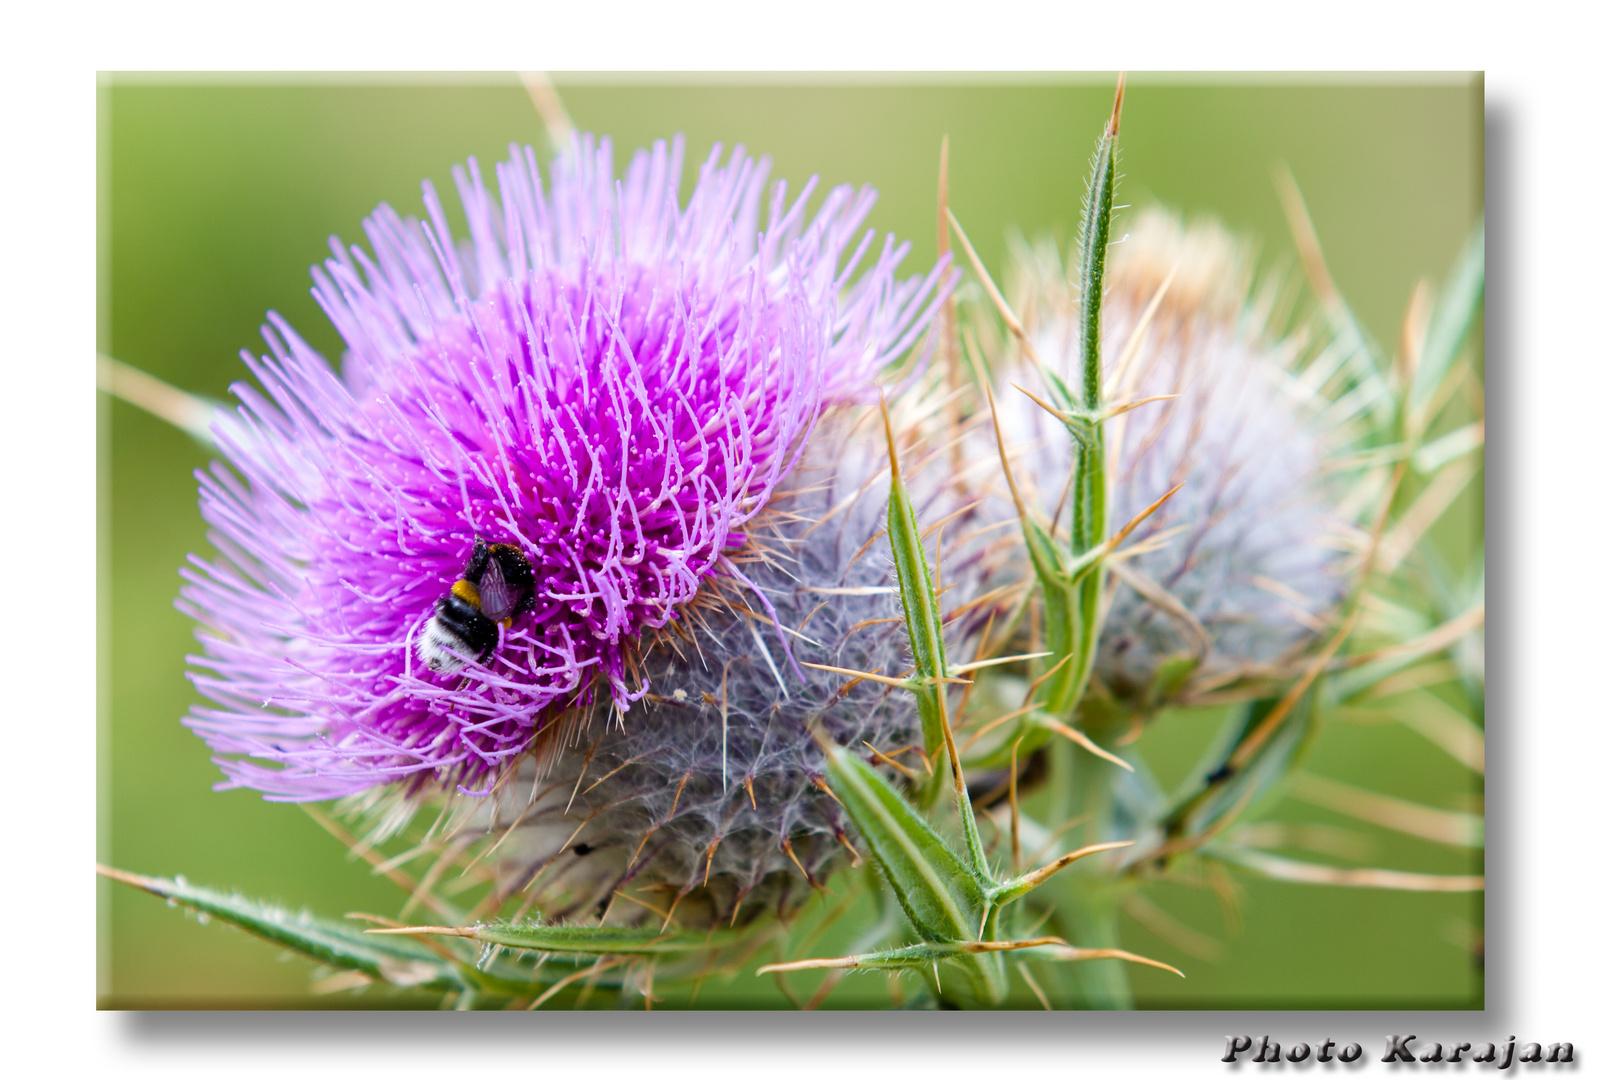 Wollkopf-Kratzdistel (Cirsium eriophorum)....hier mit Biene!